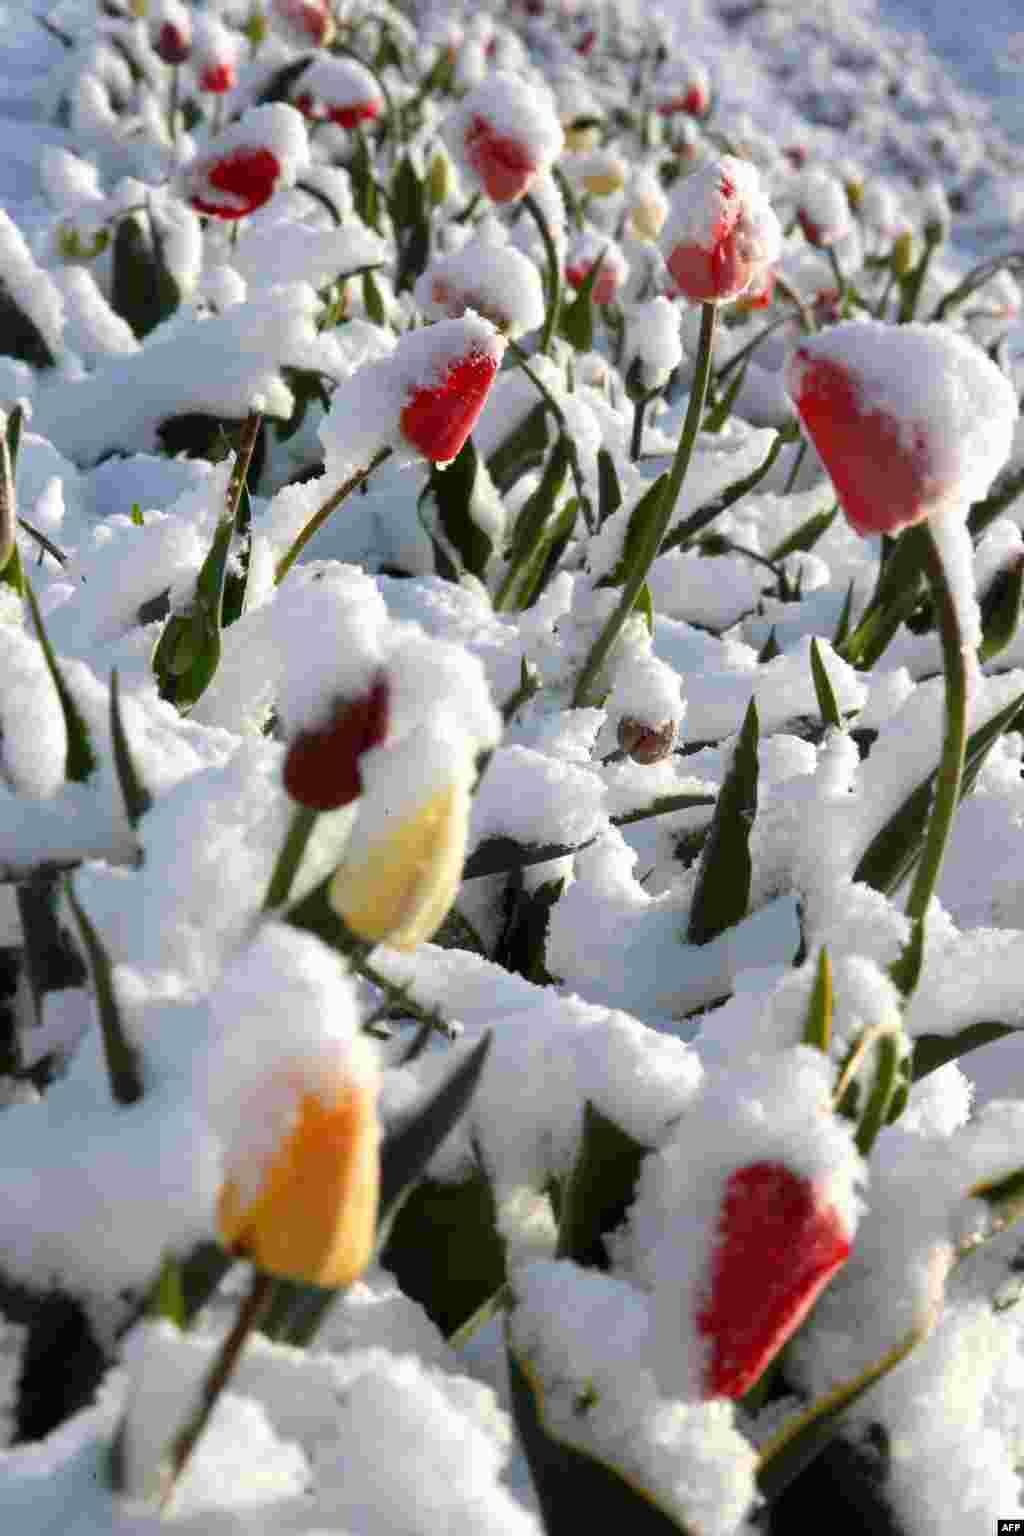 ផ្កា Tulip ដែលកំពុងរីកត្រូវបានគ្របពីលើដោយព្រិលទឹកកកនៅលើទីវាលមួយនៅក្រុង Hohenschaeftlarn ភាគខាងត្បូងប្រទេសអាល្លឺម៉ង់។ តំបន់ដែលមានសម្ពាធទាបនៅភាគខាងជើង និងខាងកើតអឺរ៉ុបបាននាំយកនូវខ្យល់ពីតំបន់ប៉ូលជាមួយនឹងសីតុណ្ហភាពត្រជាក់ និងព្រិលទឹកកកទៅកាន់ក្រុង Bavaria។